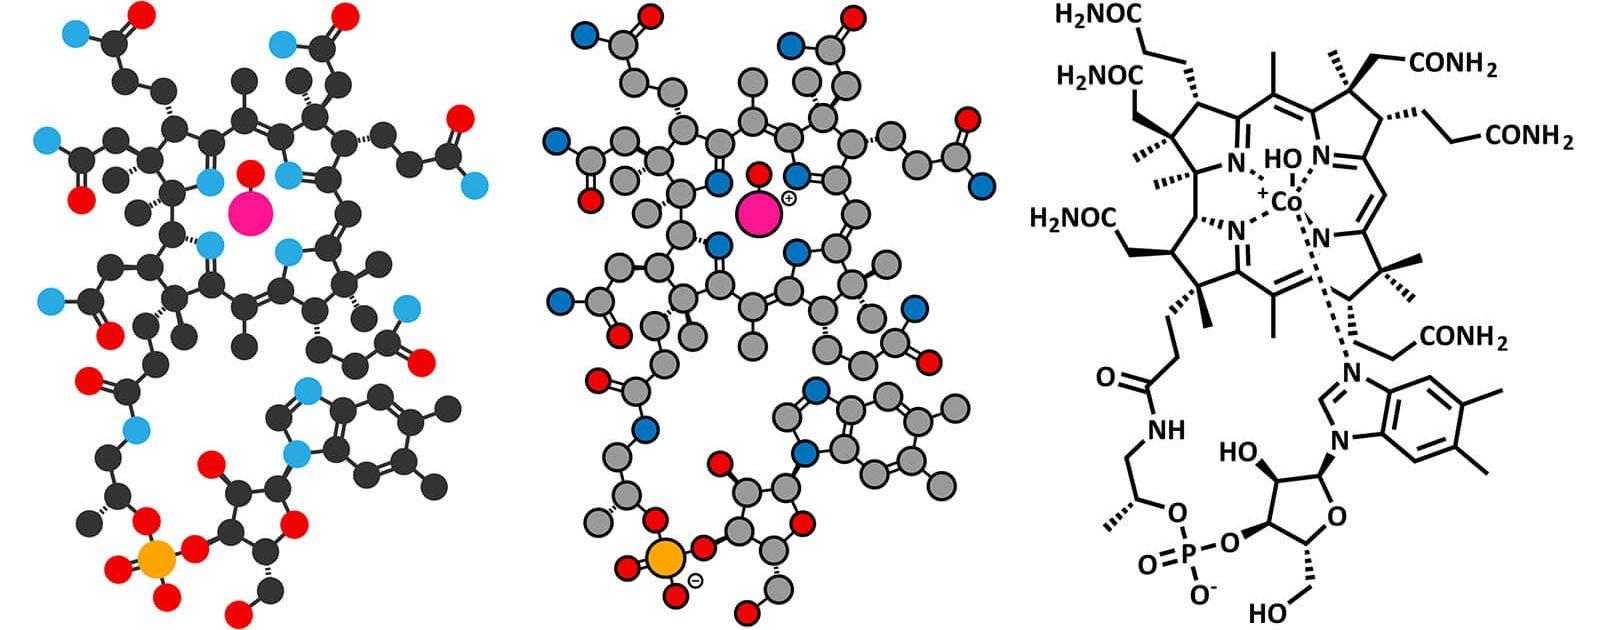 Chemische Struktur des intrinischen Faktors, der für die Vitamin B12 Aufnahme zuständig ist.